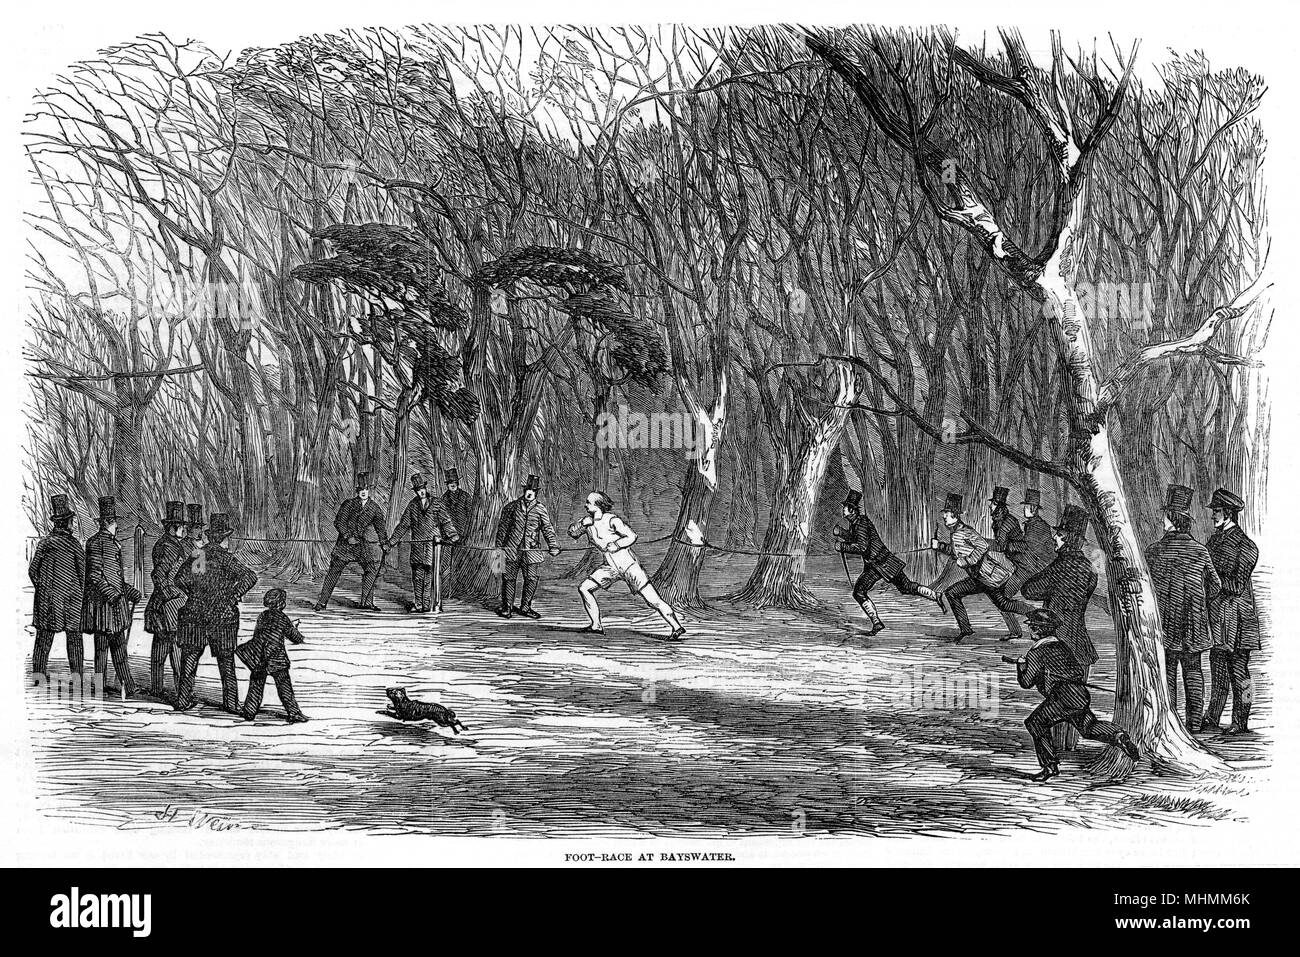 Fuß-Rennen in Bayswater - vermutlich im Hyde Park. Datum: 1851 Stockbild